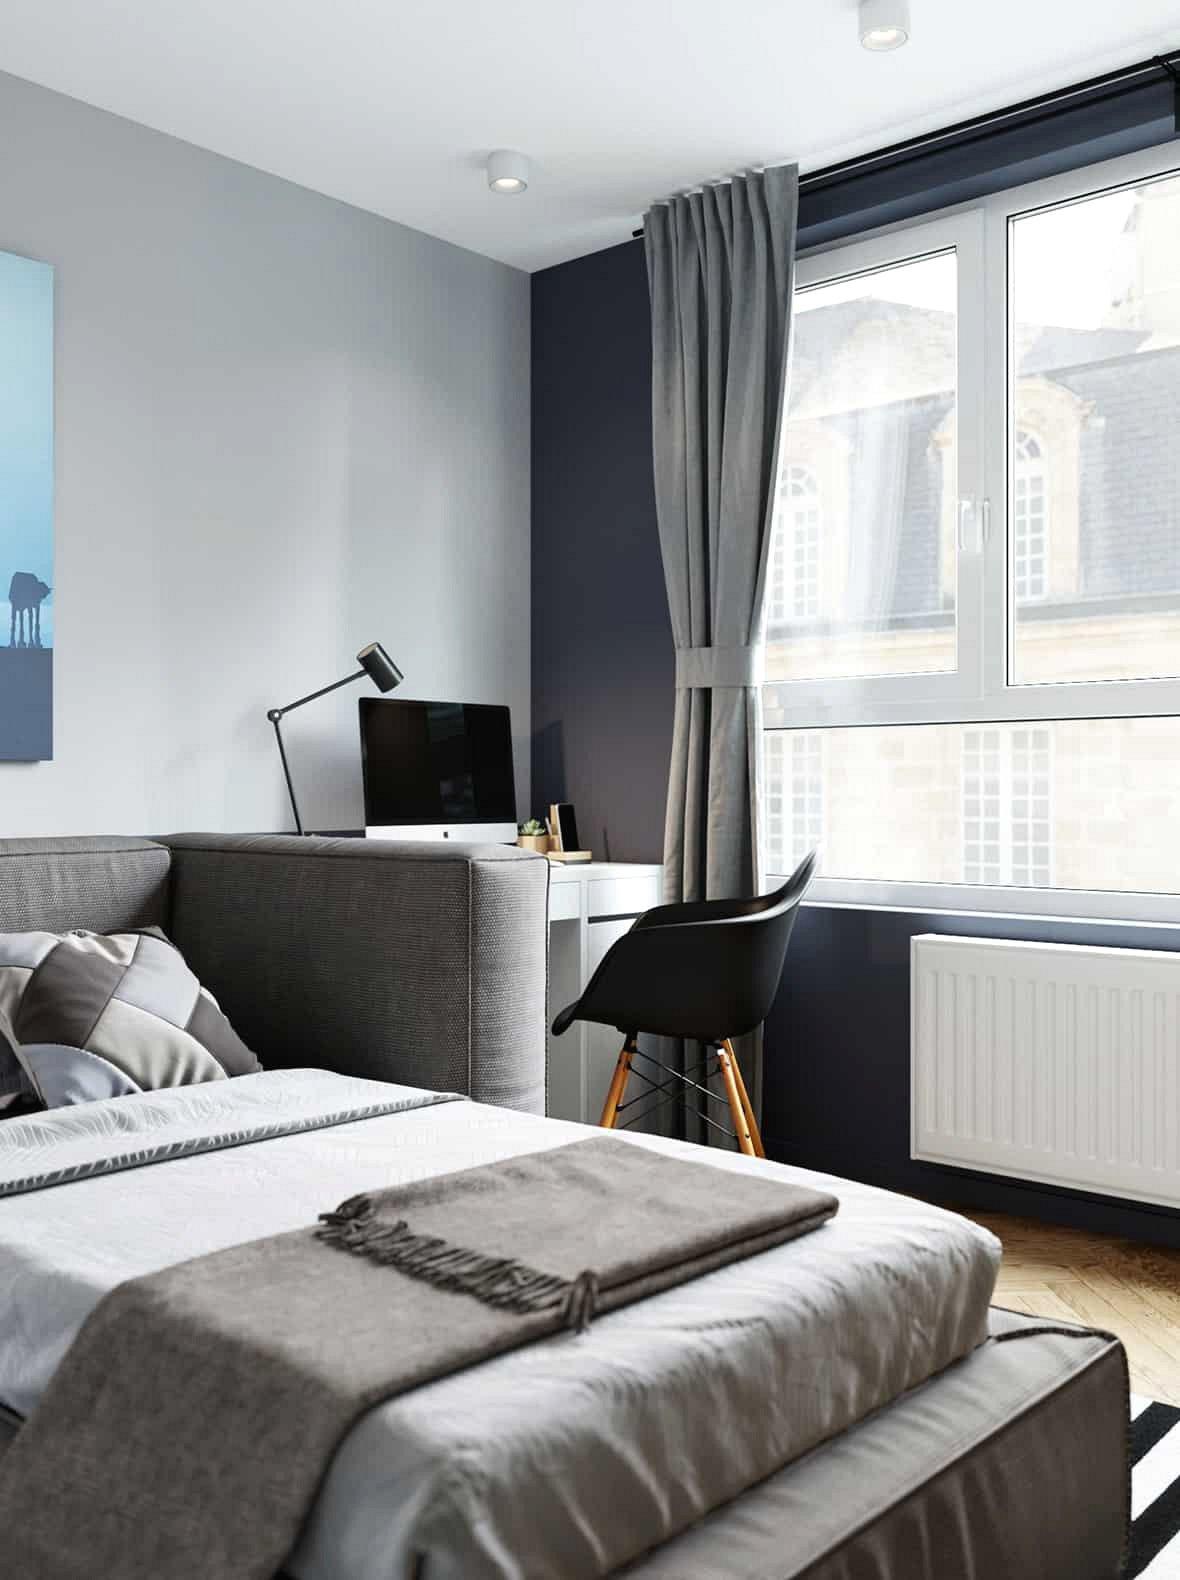 Trong khi đầu giường bọc xung quanh cho phép chiếc giường này tăng gấp đôi như một chiếc ghế dài, nó cũng tạo ra sự tách biệt giữa khu vực ngủ và không gian làm việc.